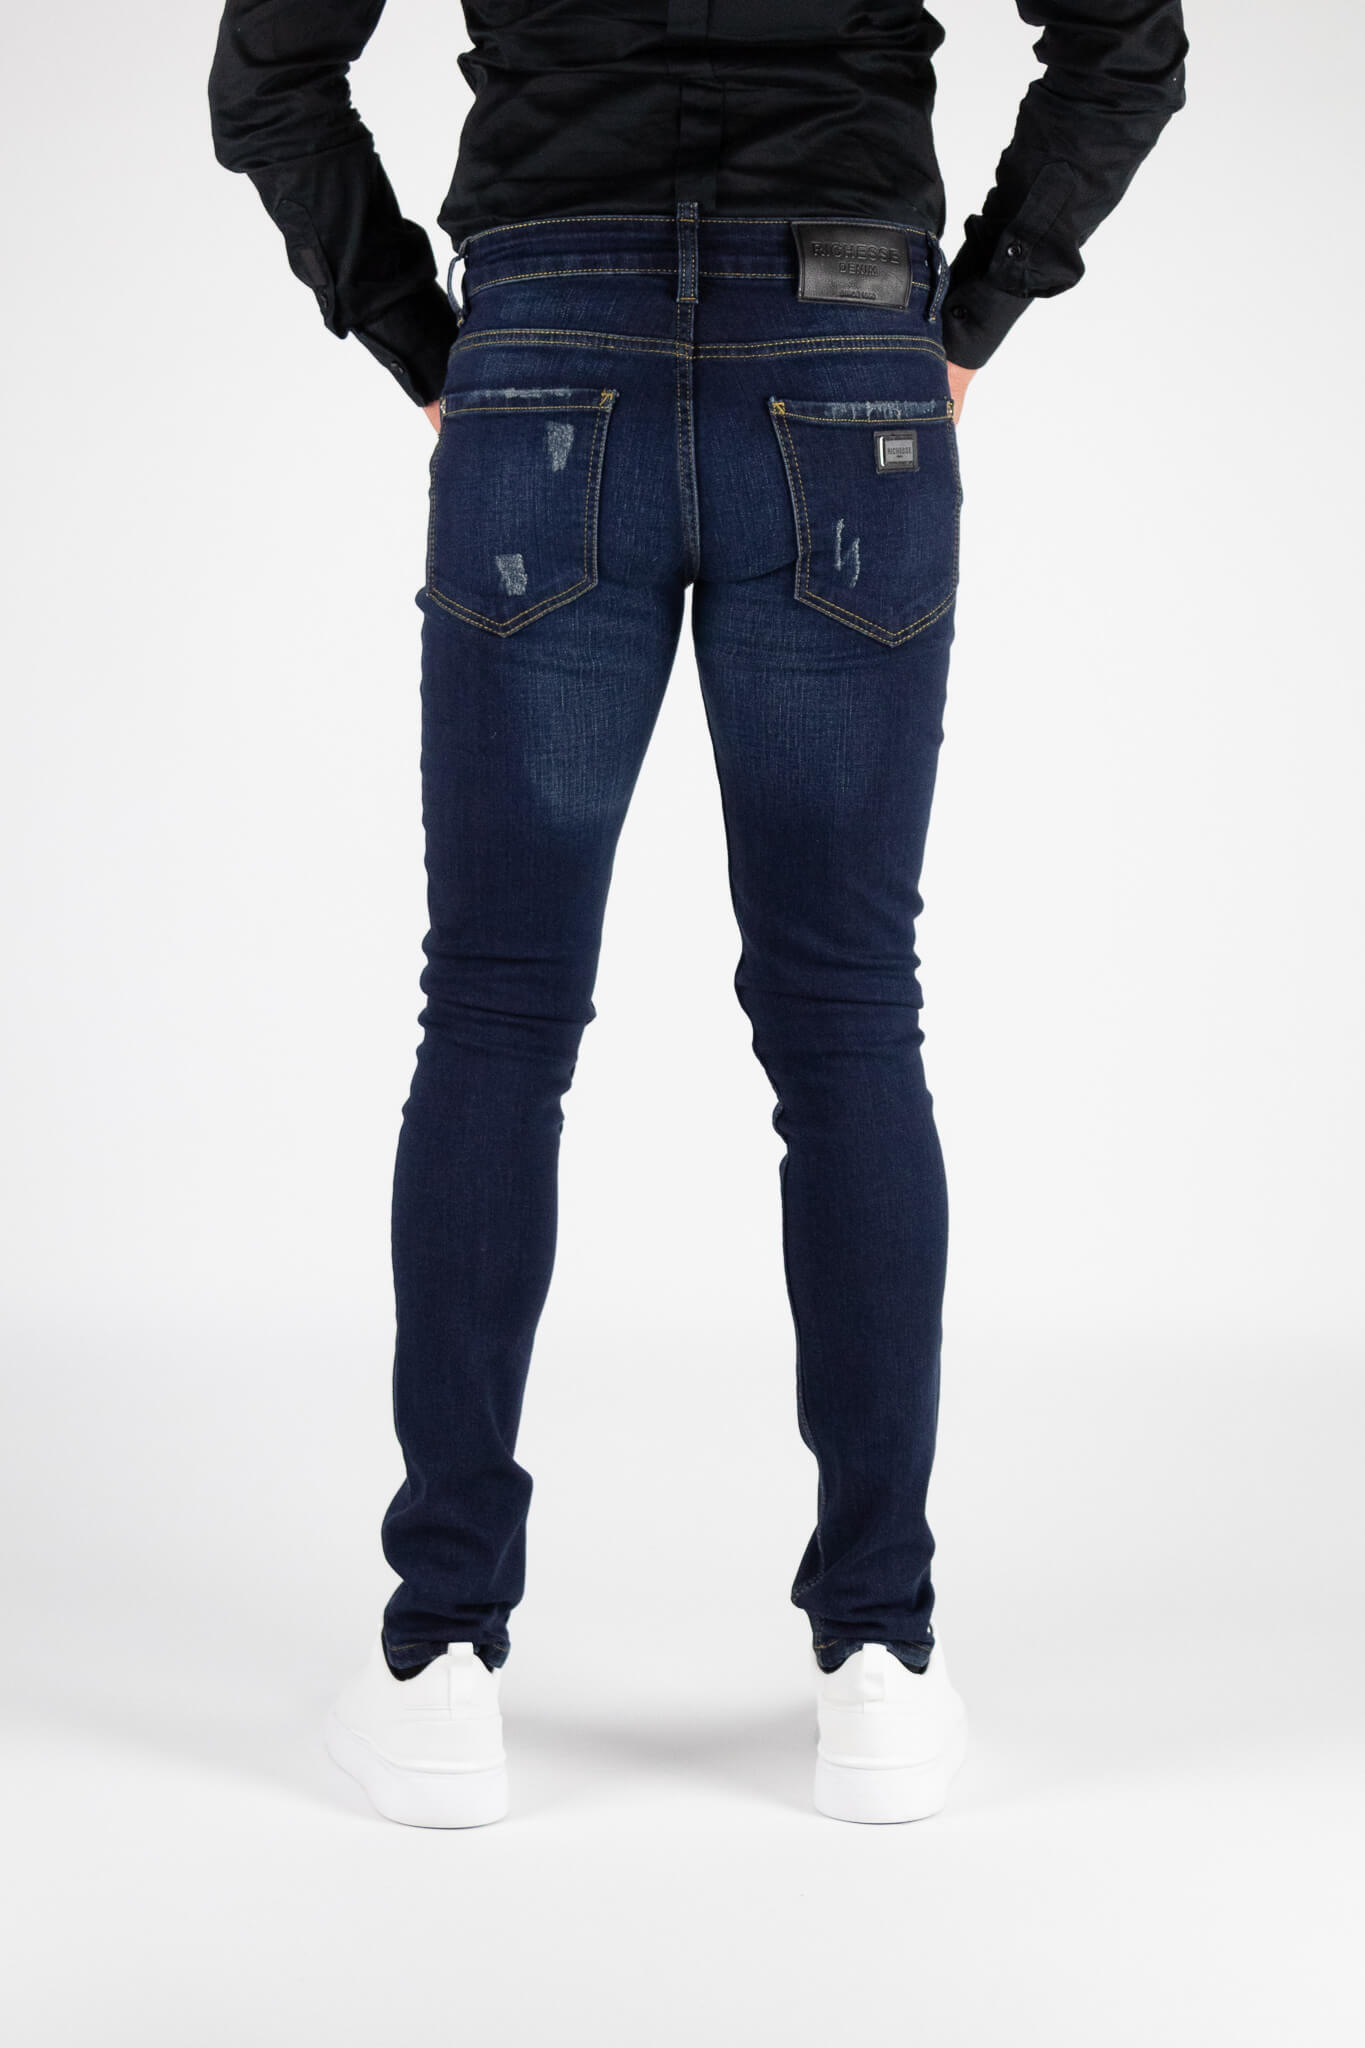 Morlaix-Dark-Blue-Jeans-6.jpg